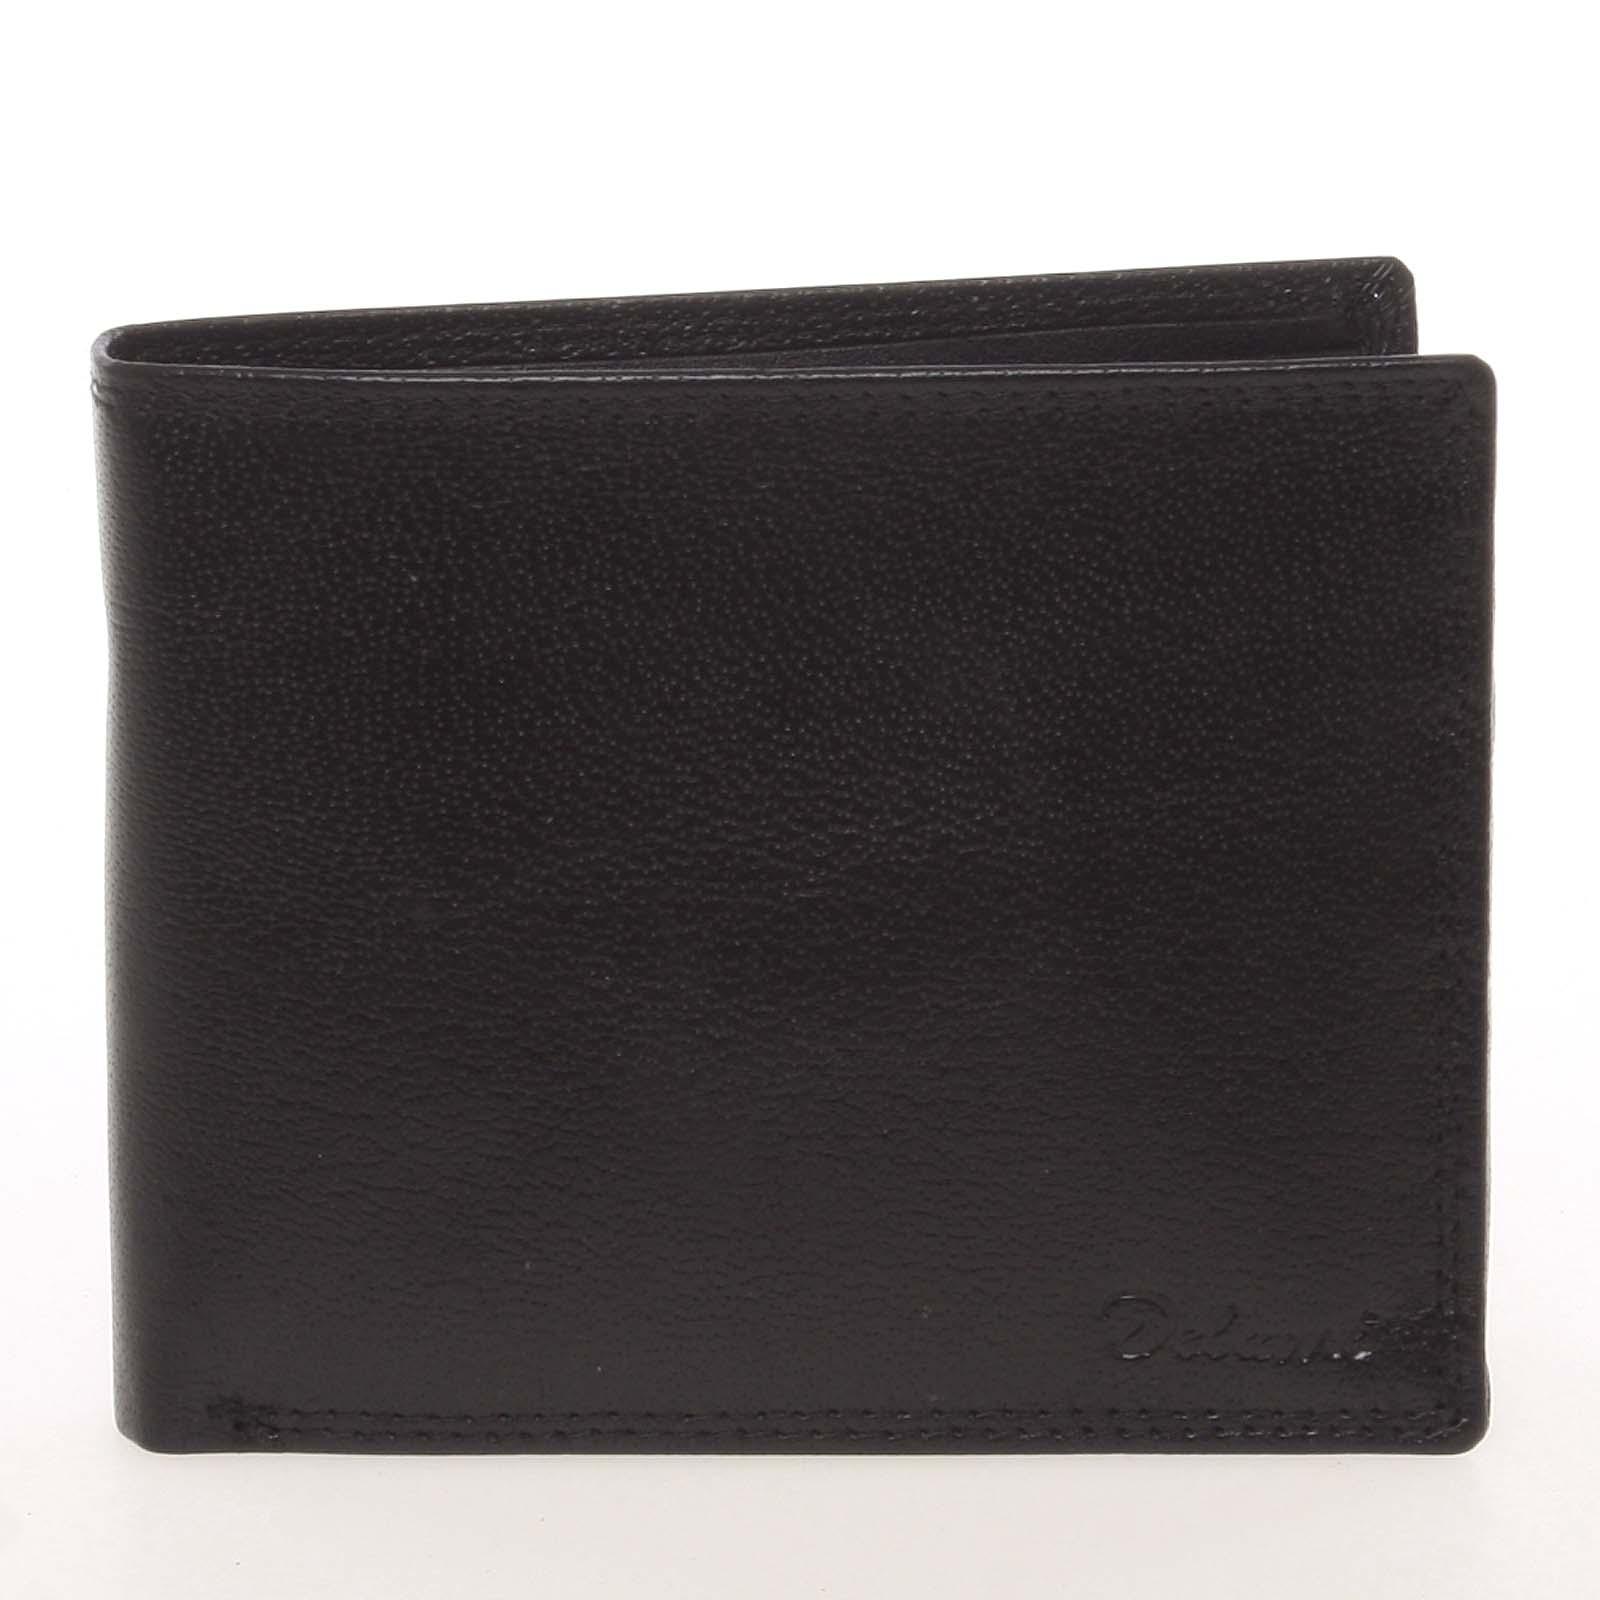 Kožená elegantná čierna peňaženka pre mužov - Delami Gaillard